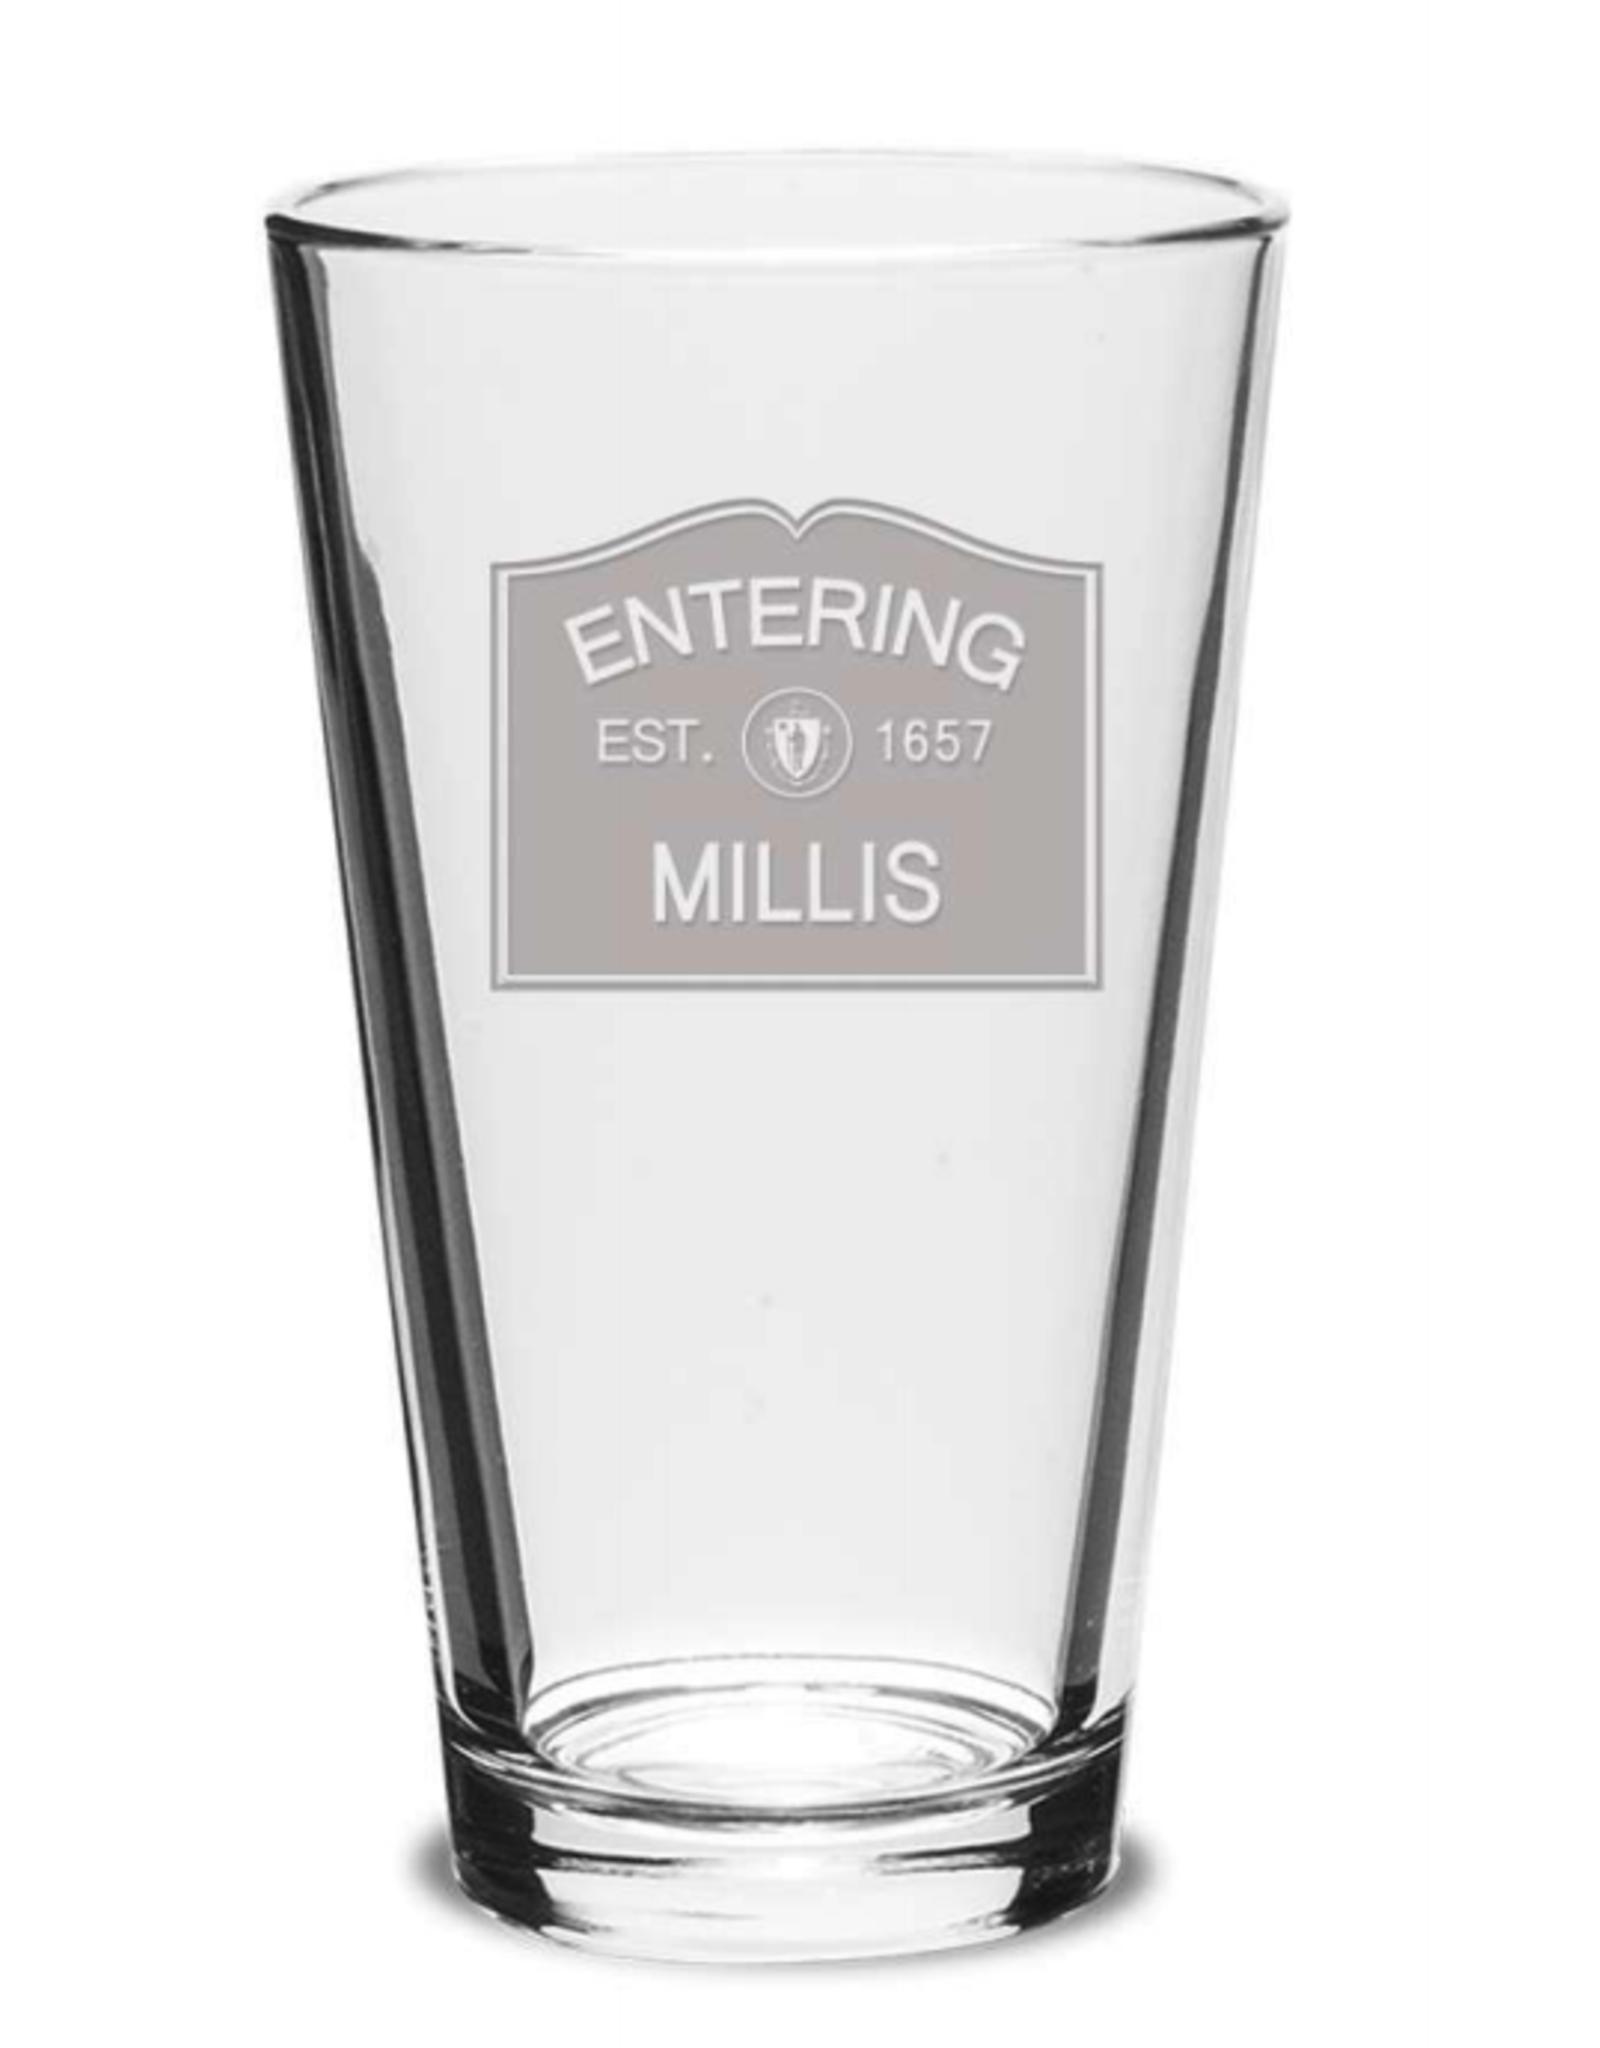 Millis Glassware - Entering Millis EST. 1657